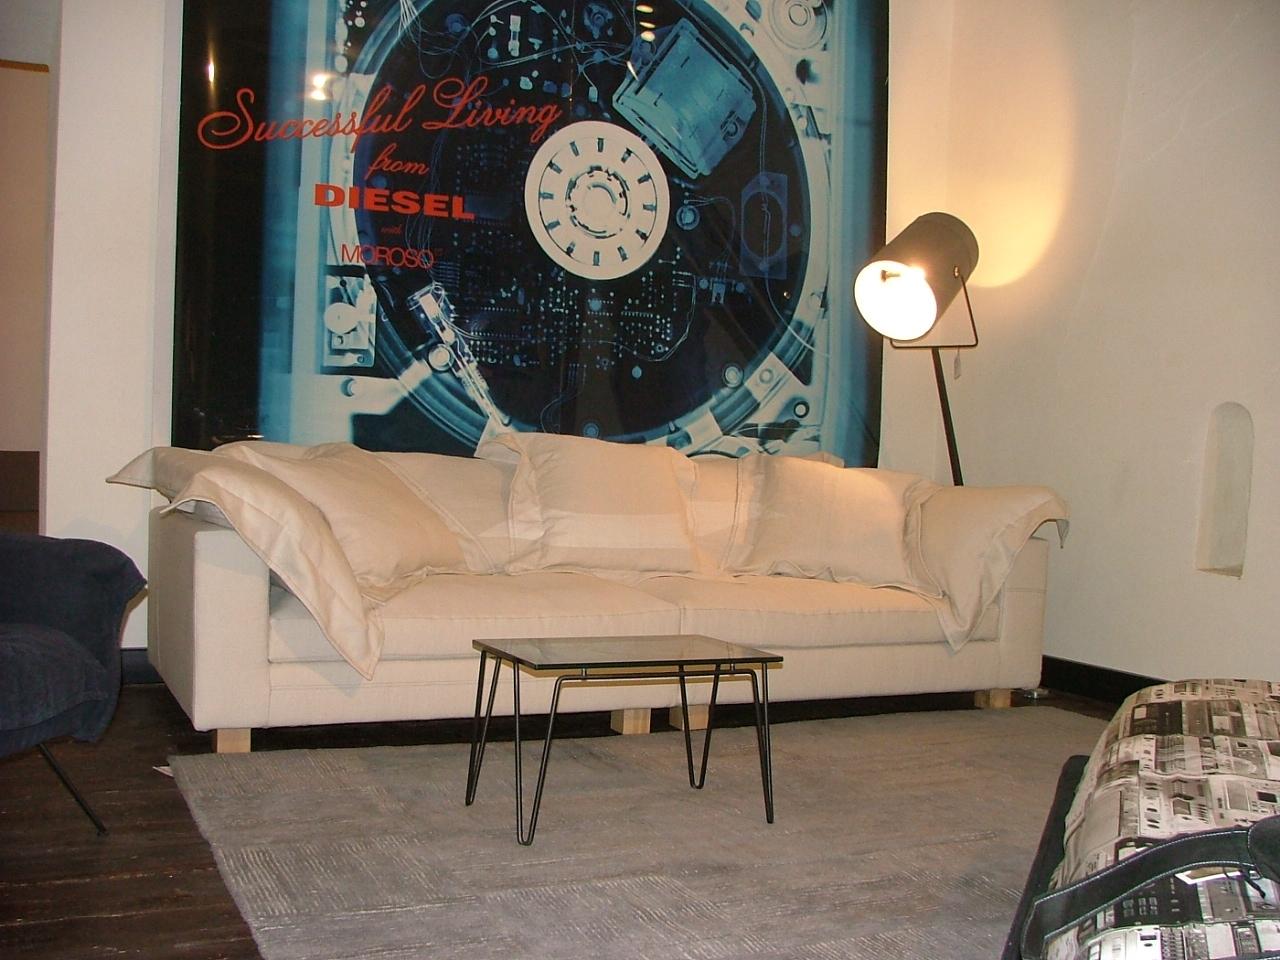 Divano moroso nebula nine sofa collezione diesel scontato del 30 divani a prezzi scontati - Divano diesel moroso ...